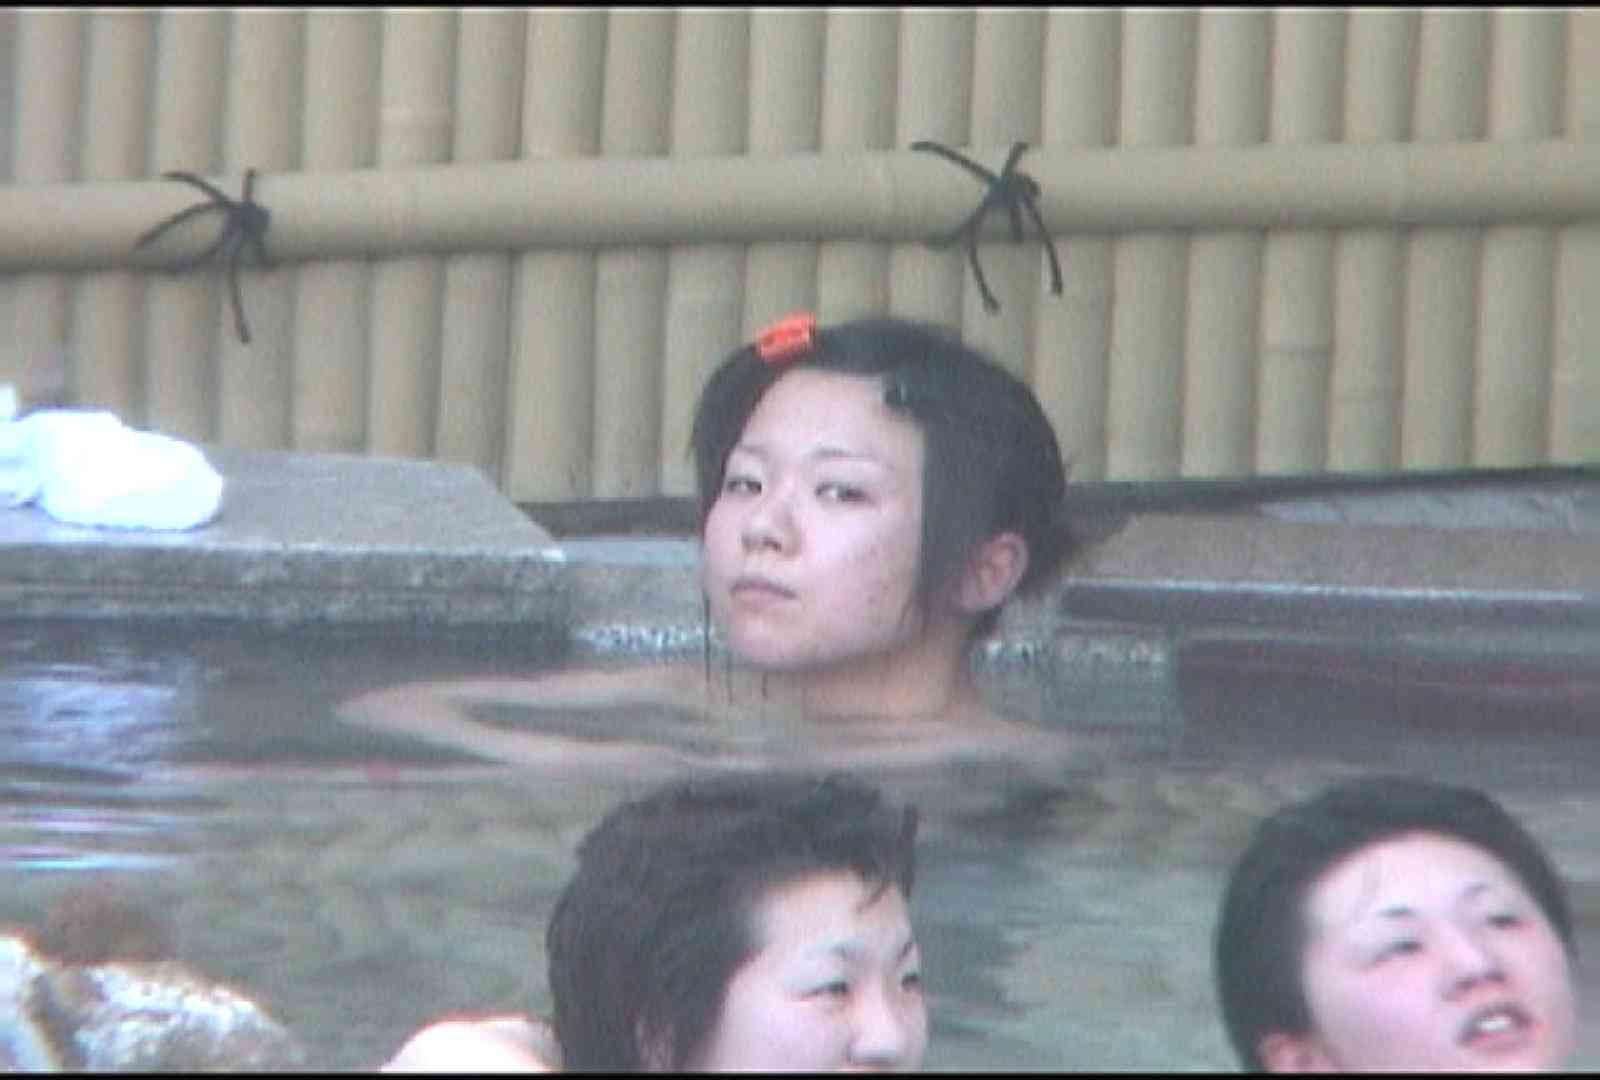 Aquaな露天風呂Vol.175 盗撮 オメコ動画キャプチャ 99枚 14